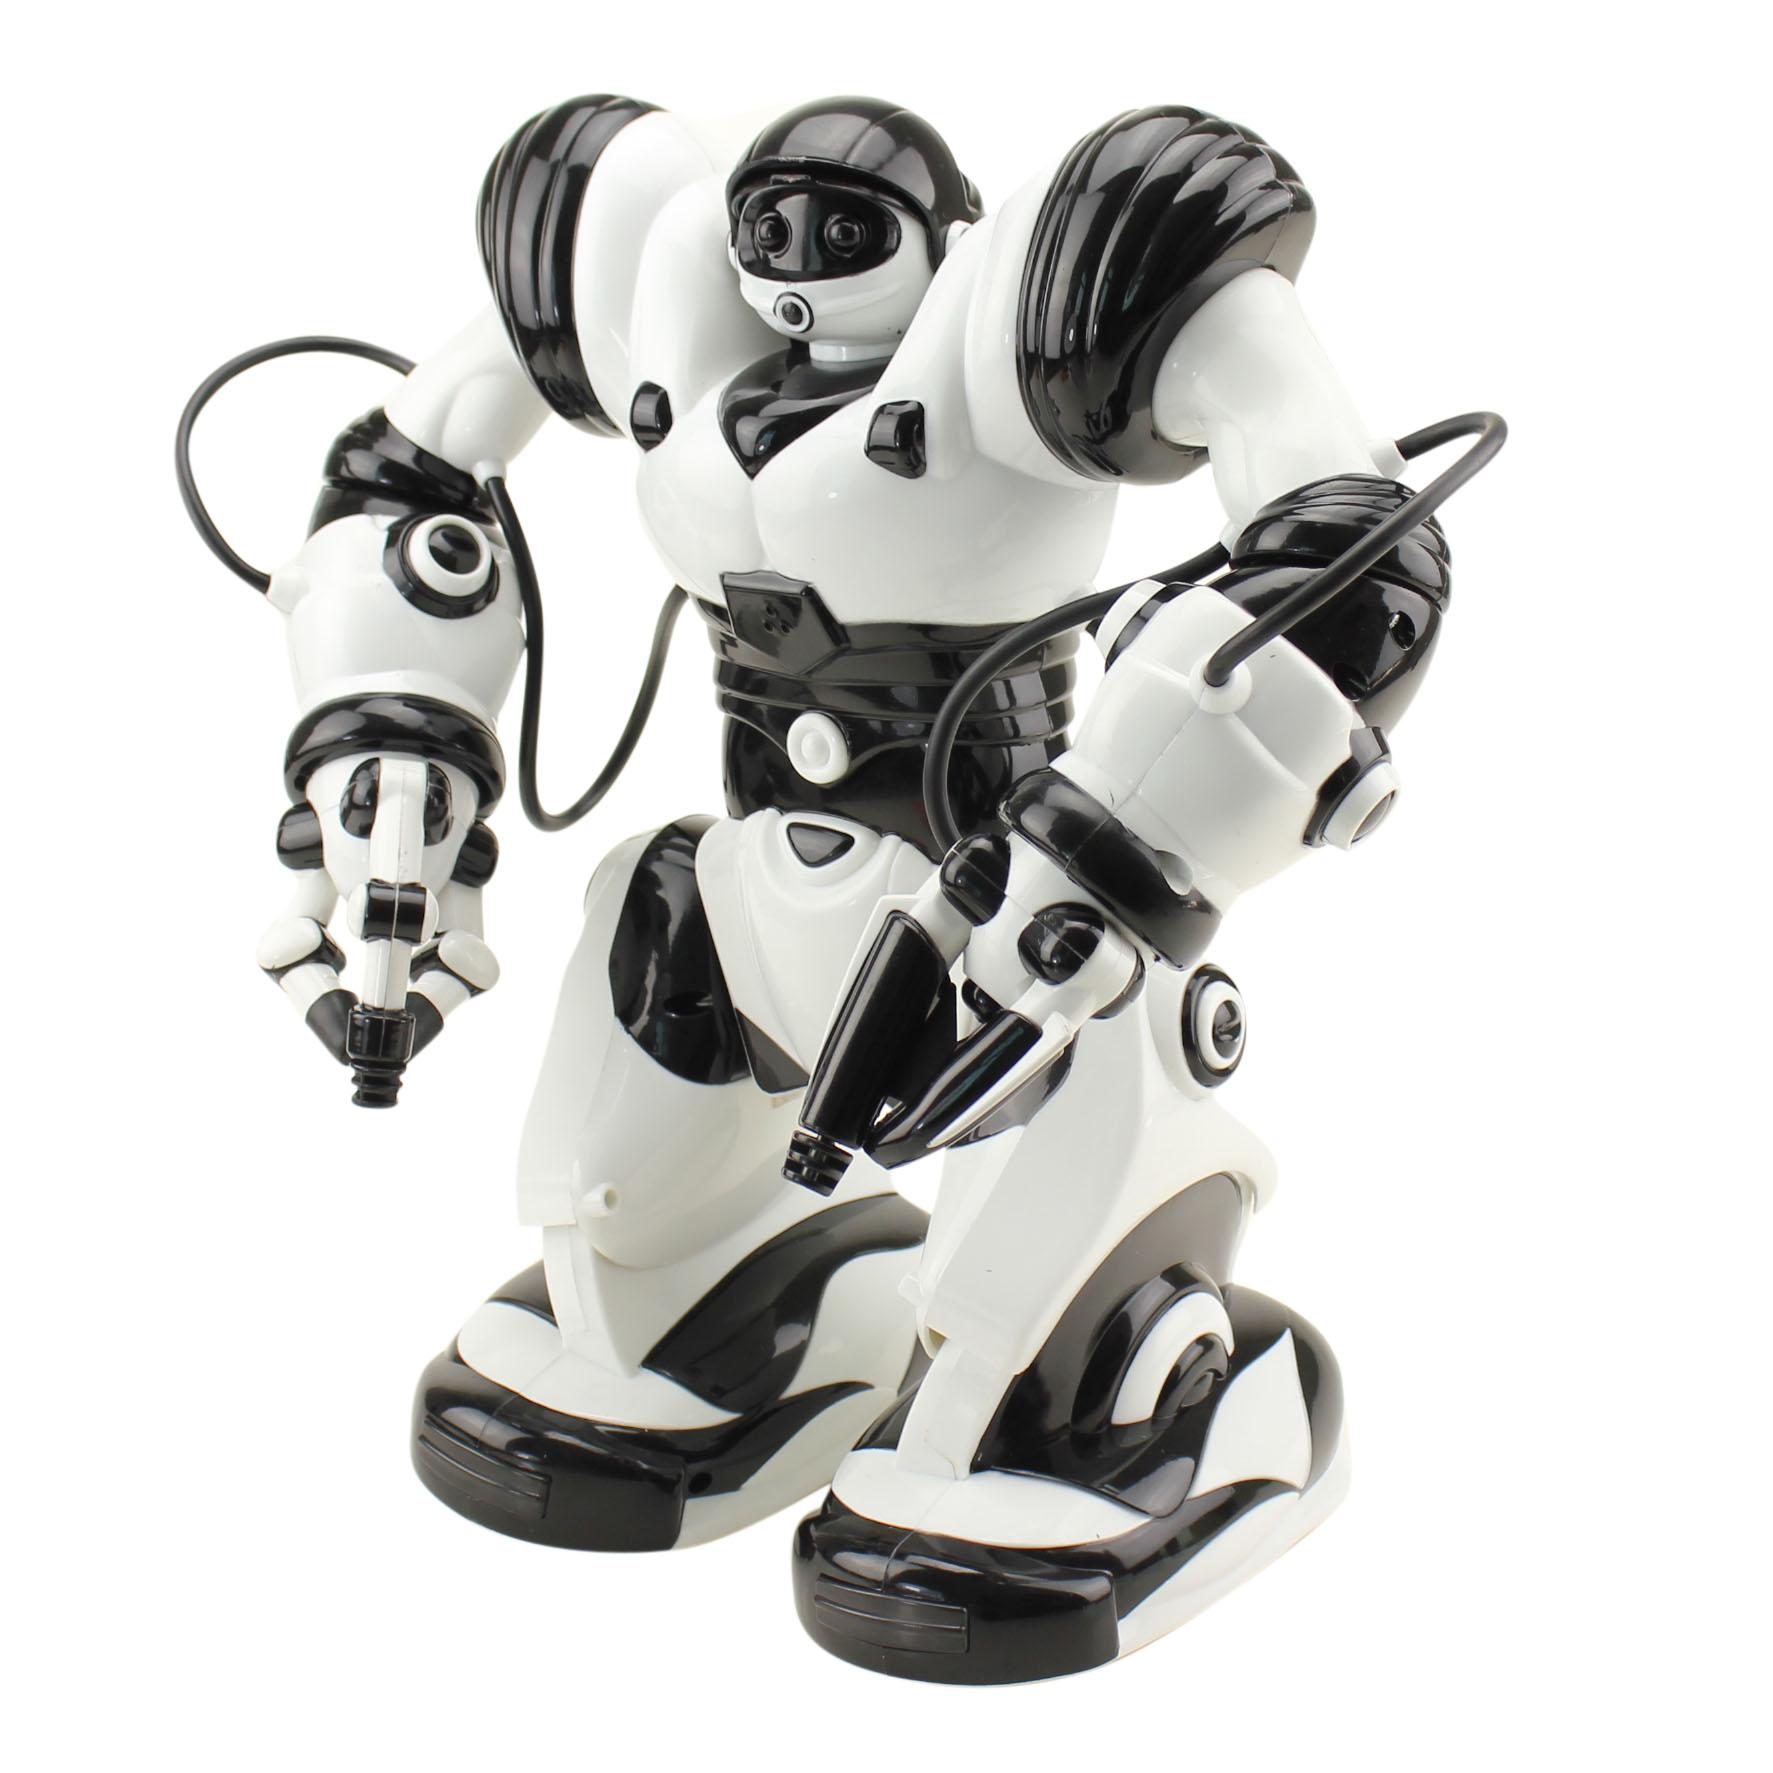 包邮佳奇遥控机器人罗本艾特智能机器人编程声控机器人玩具